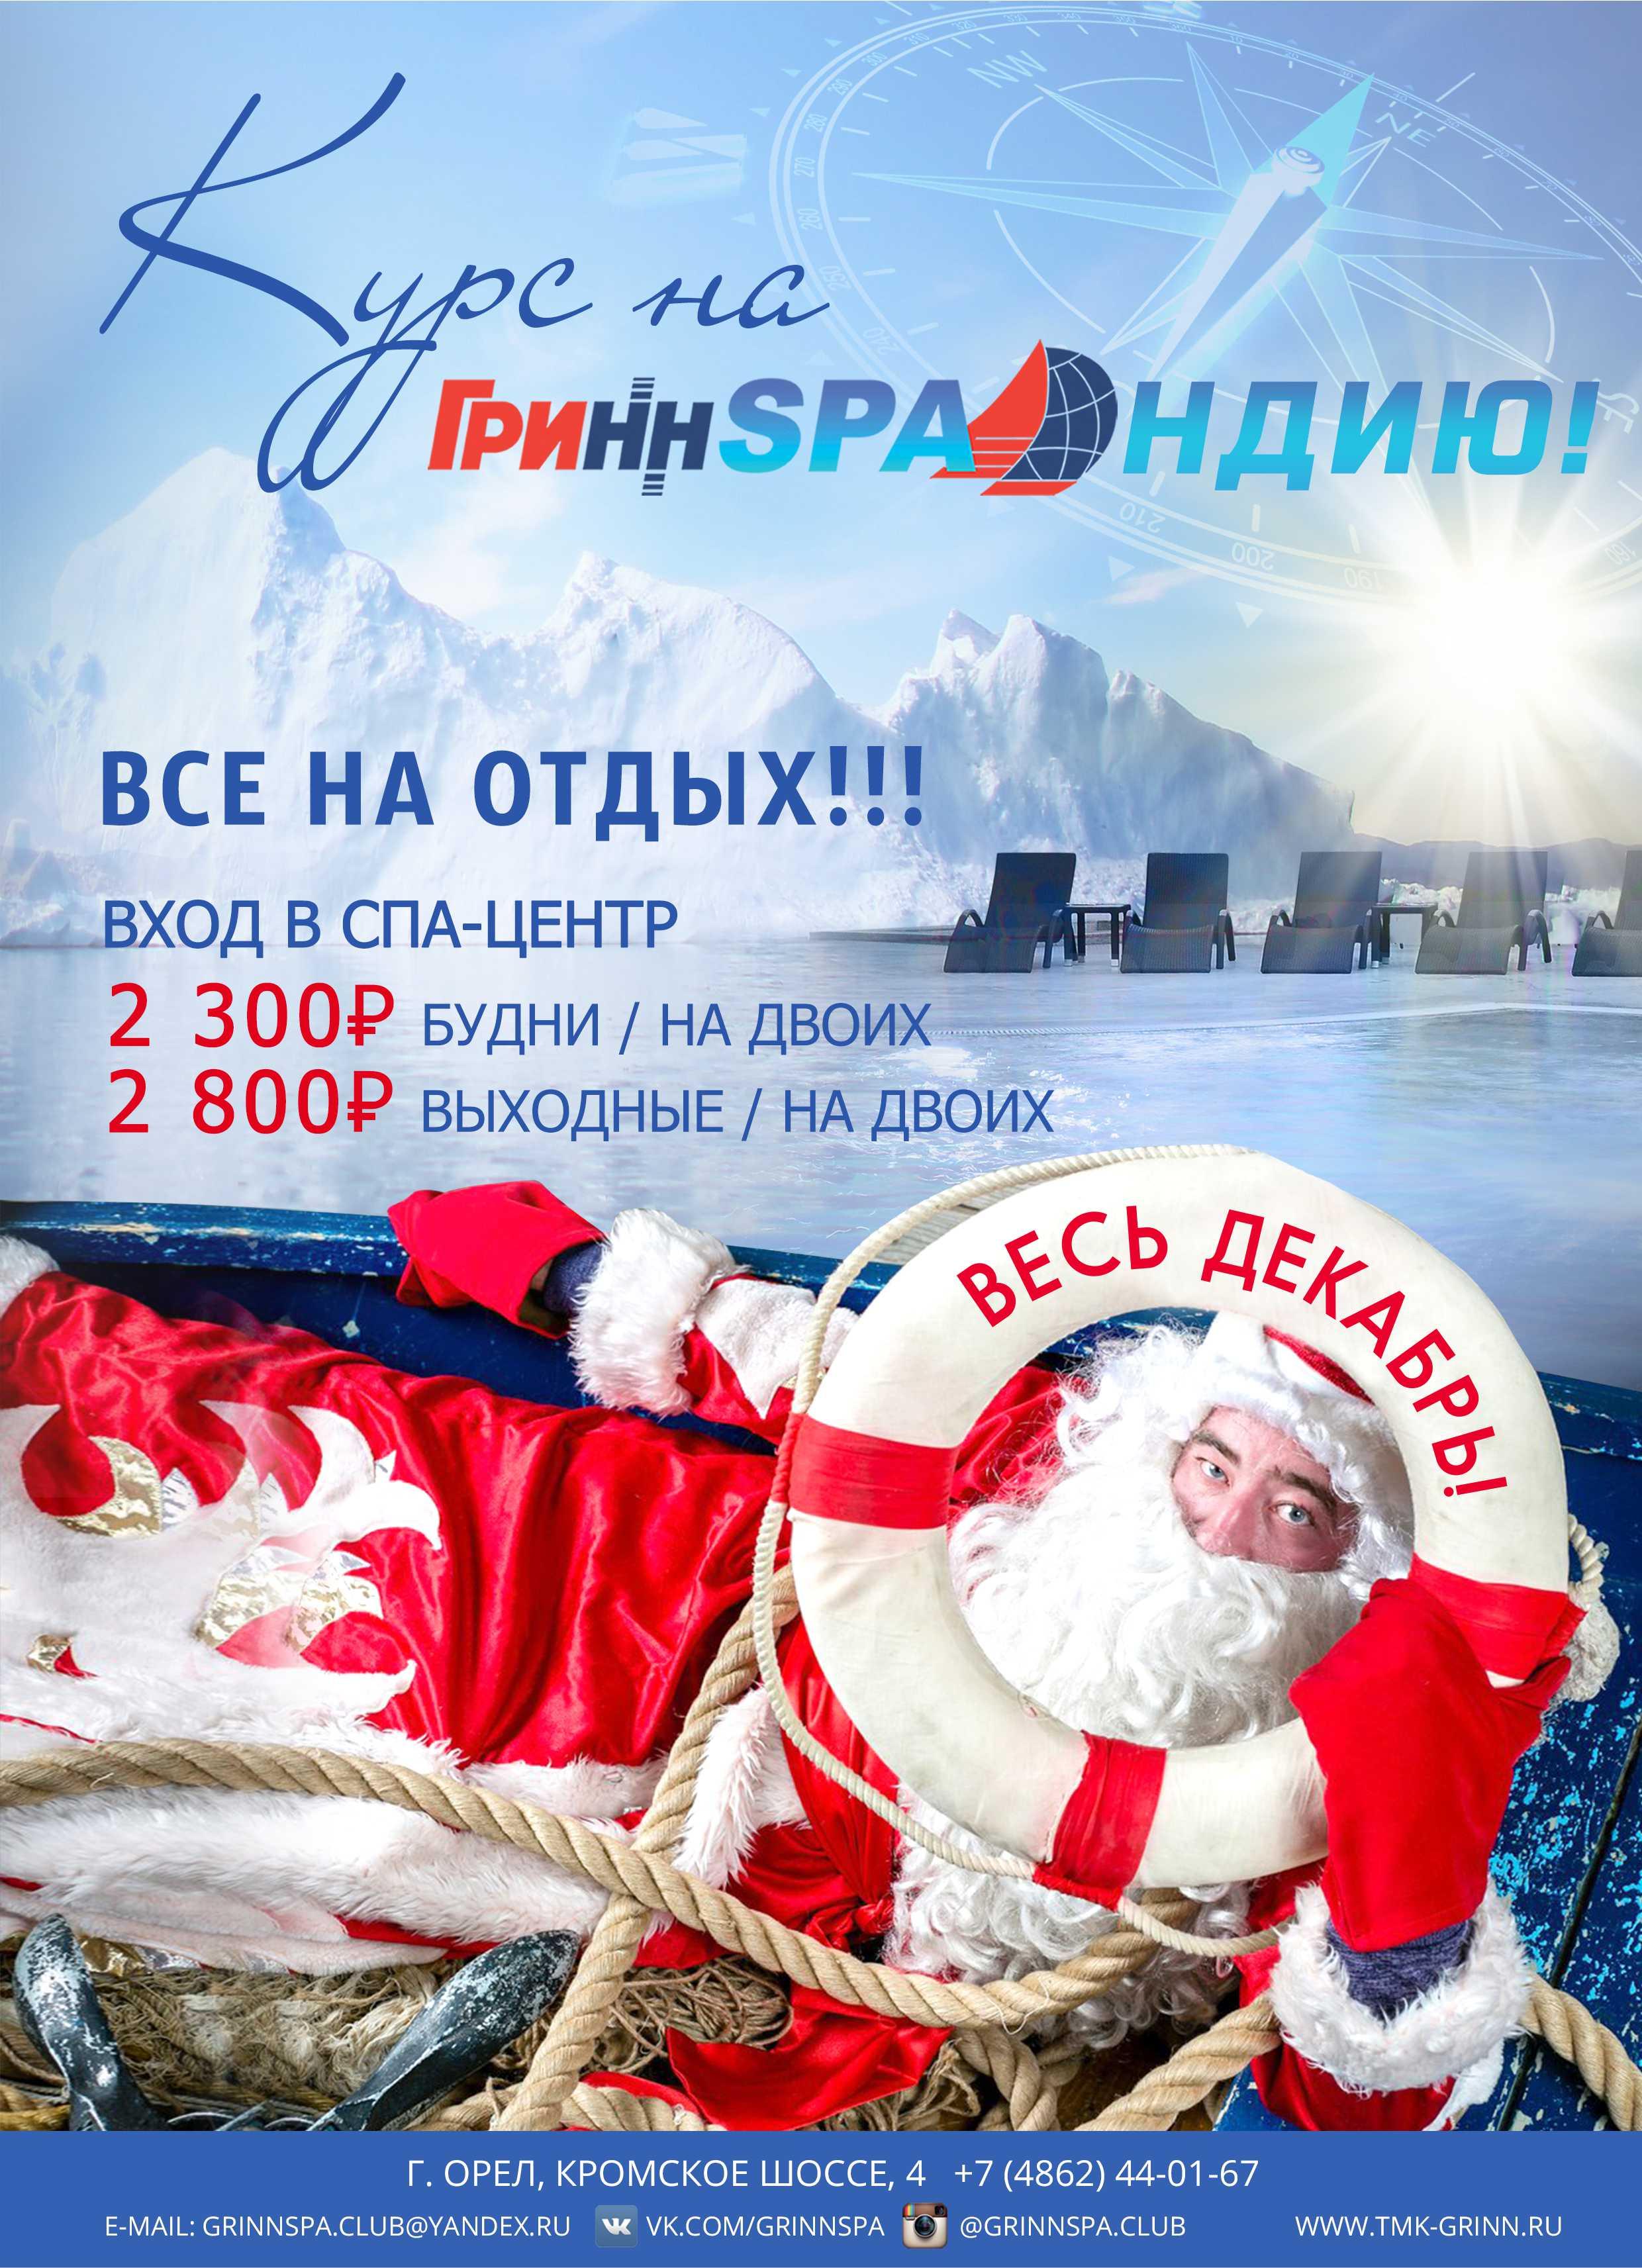 Дед Мороз держит курс на ГРИНН SPA!